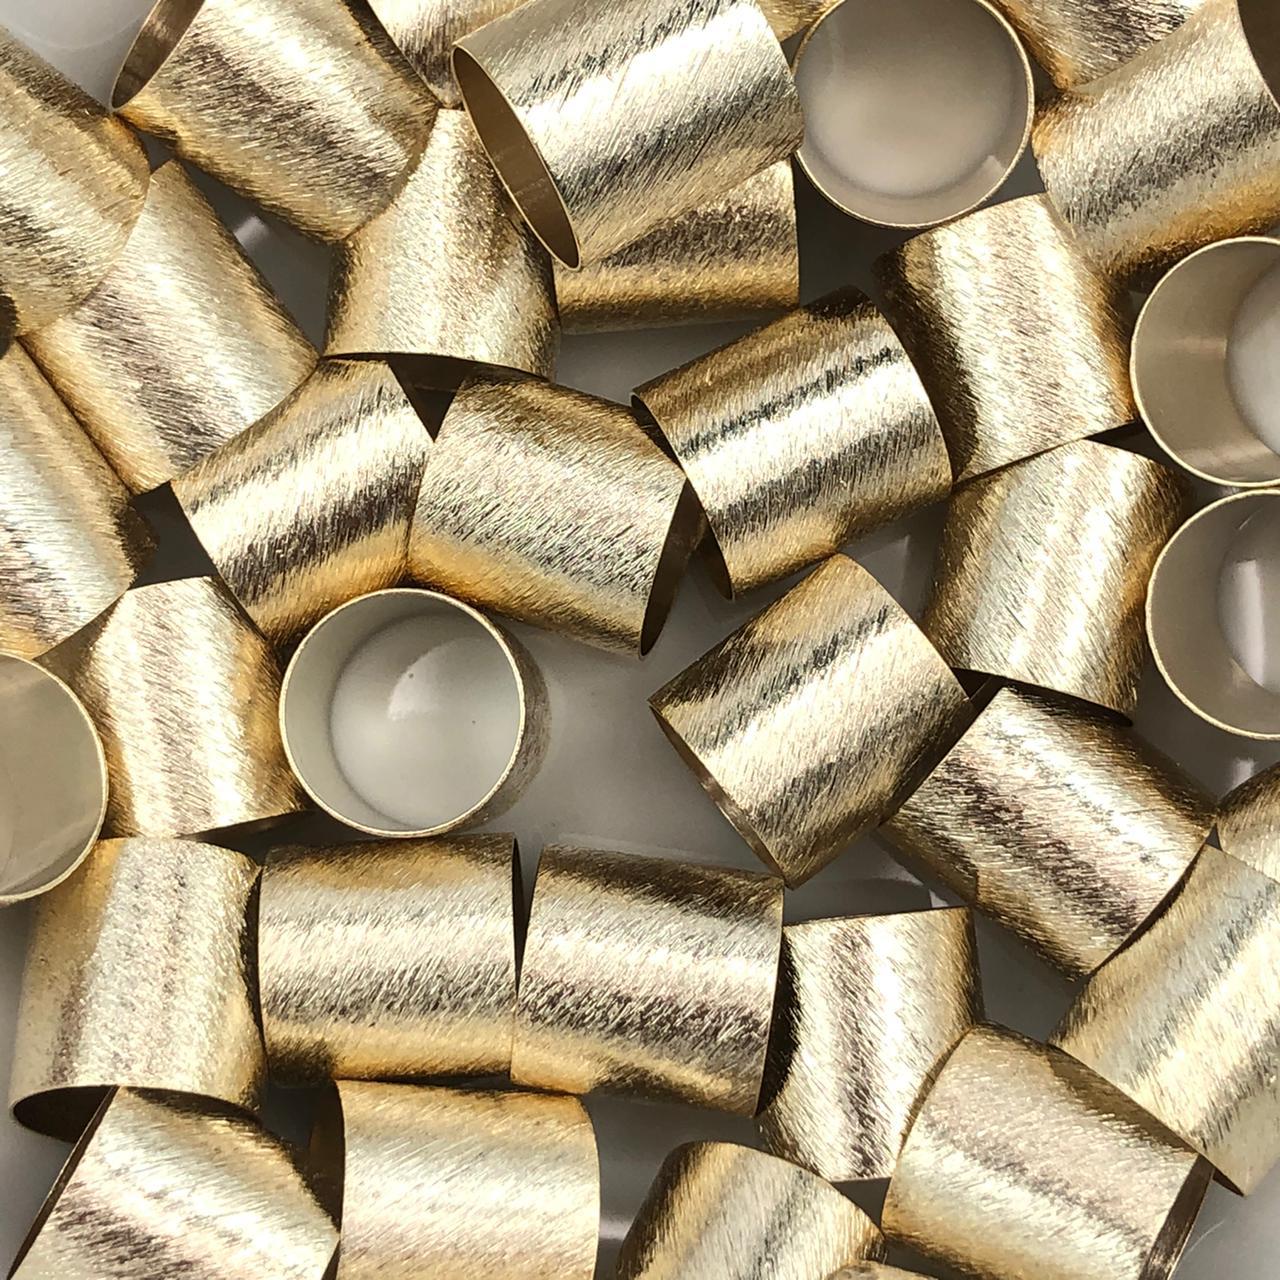 ETM562 - Entremeio Redondo 12x12mm Lixado Banhado Cor Dourado - 4Unids